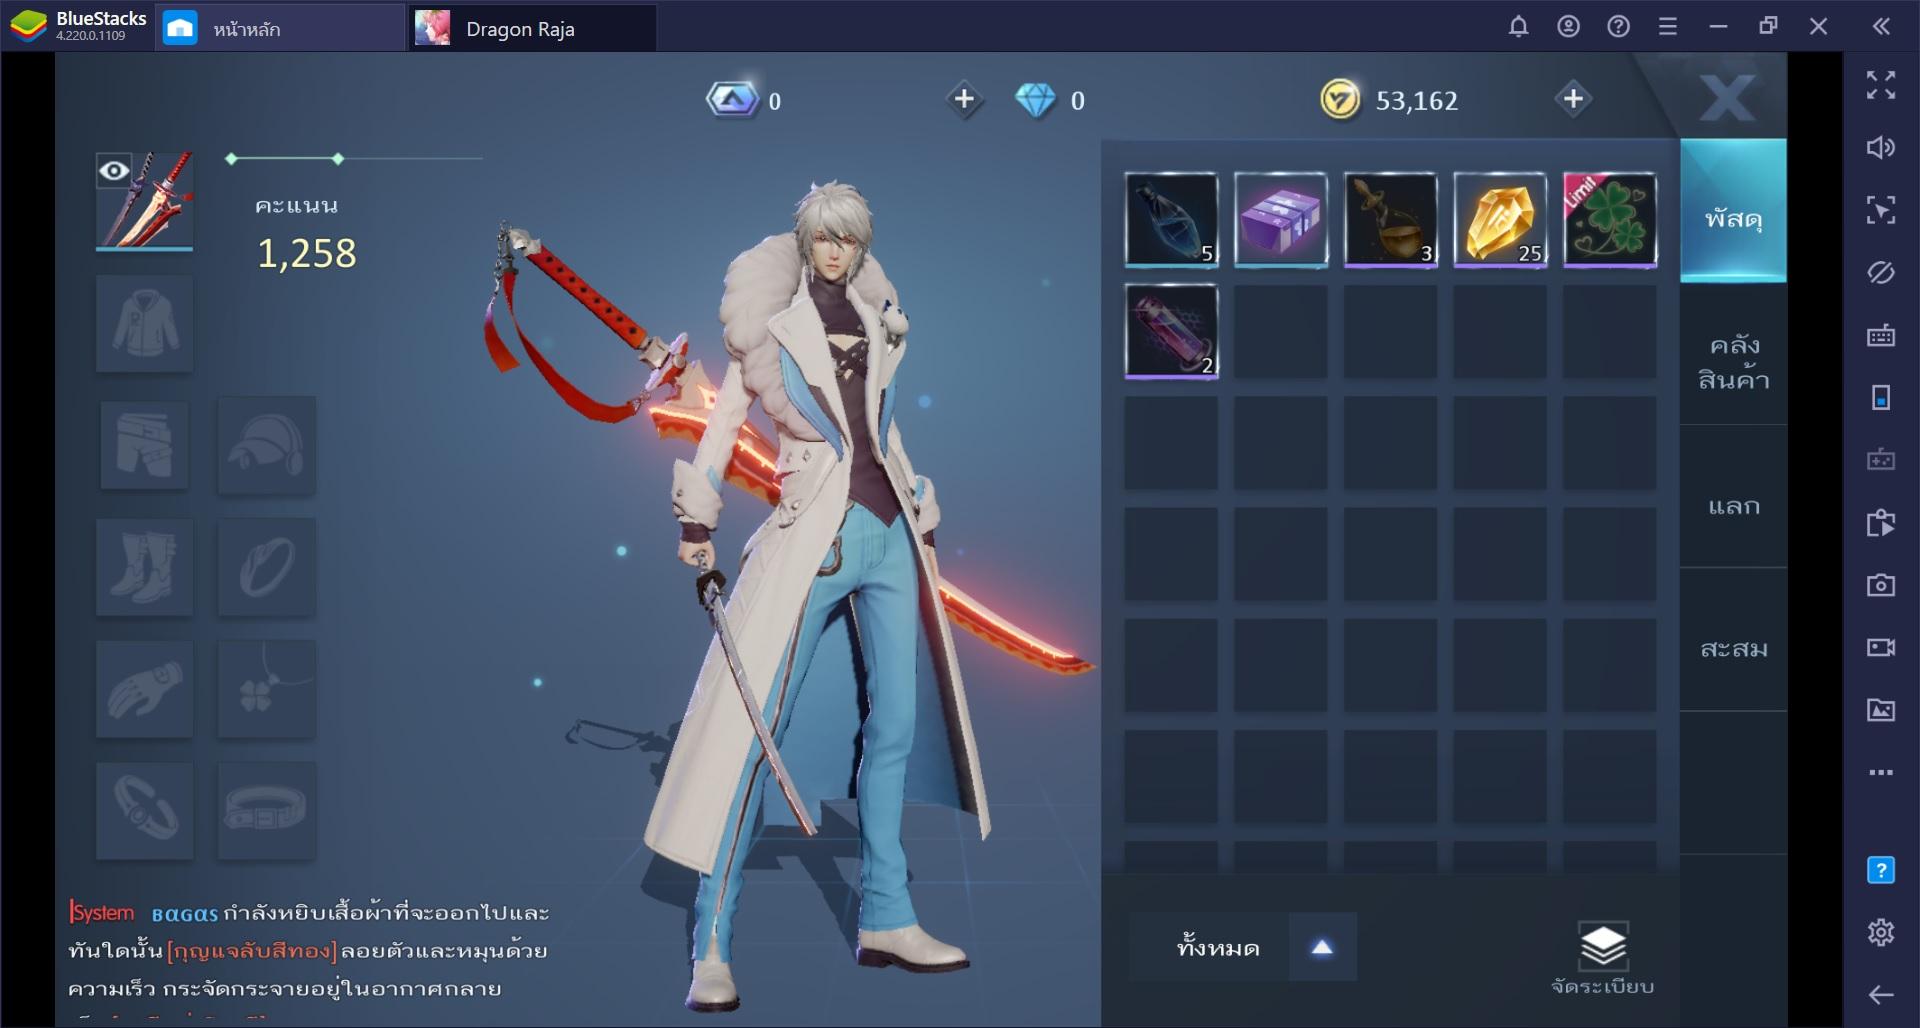 เพราะอะไรถึงต้องเล่น Dragon Raja  ผ่าน BlueStacks